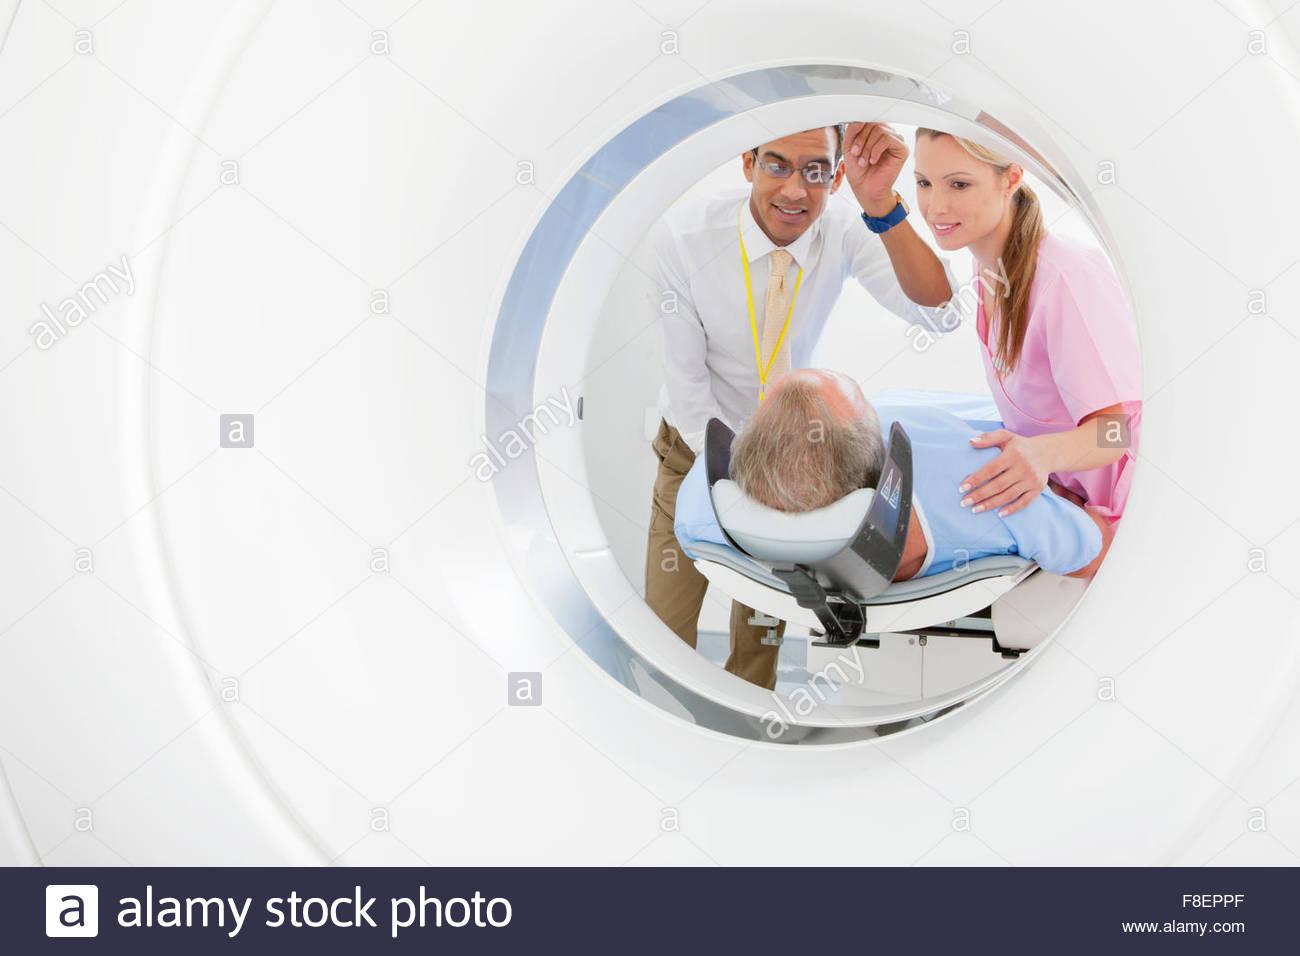 Medico e infermiere tecnico di preparazione paziente al CT scanner tubo in ospedale Immagini Stock